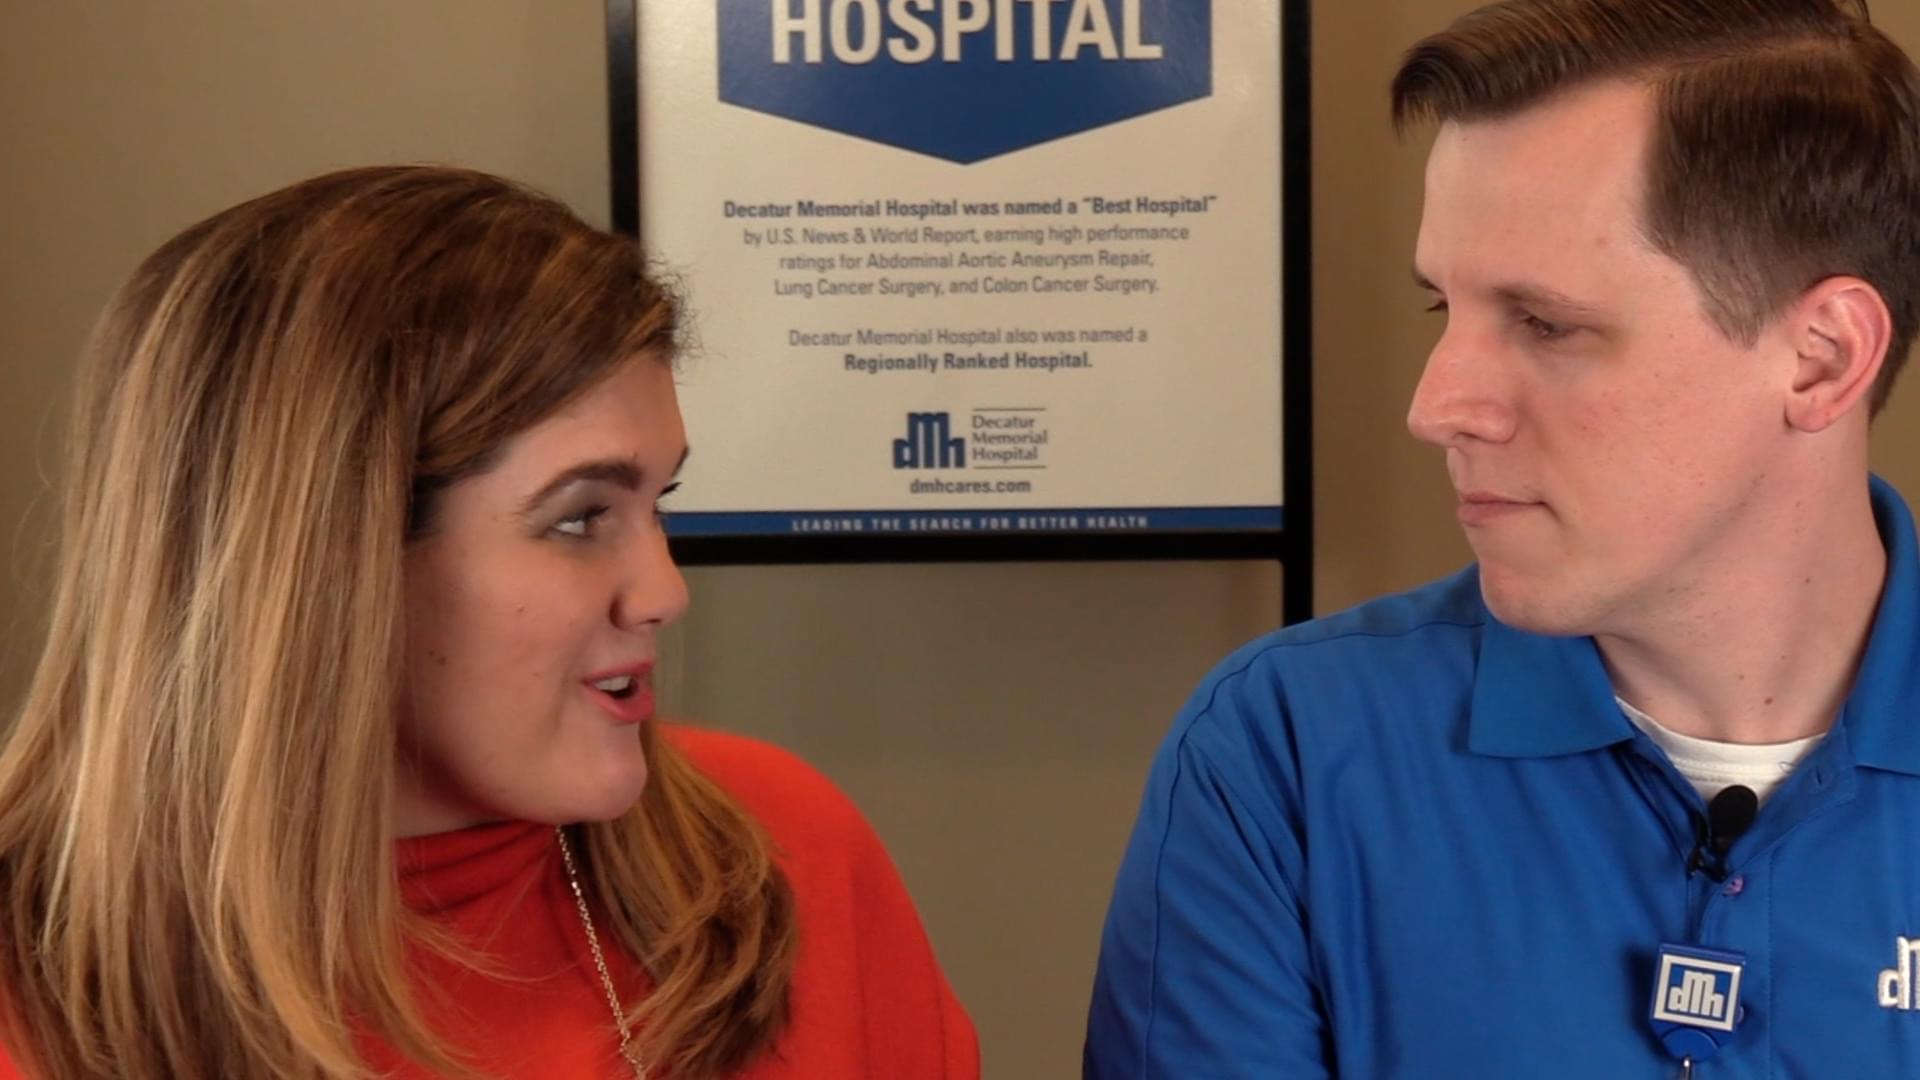 DMH News Link - Diabetes Part 2